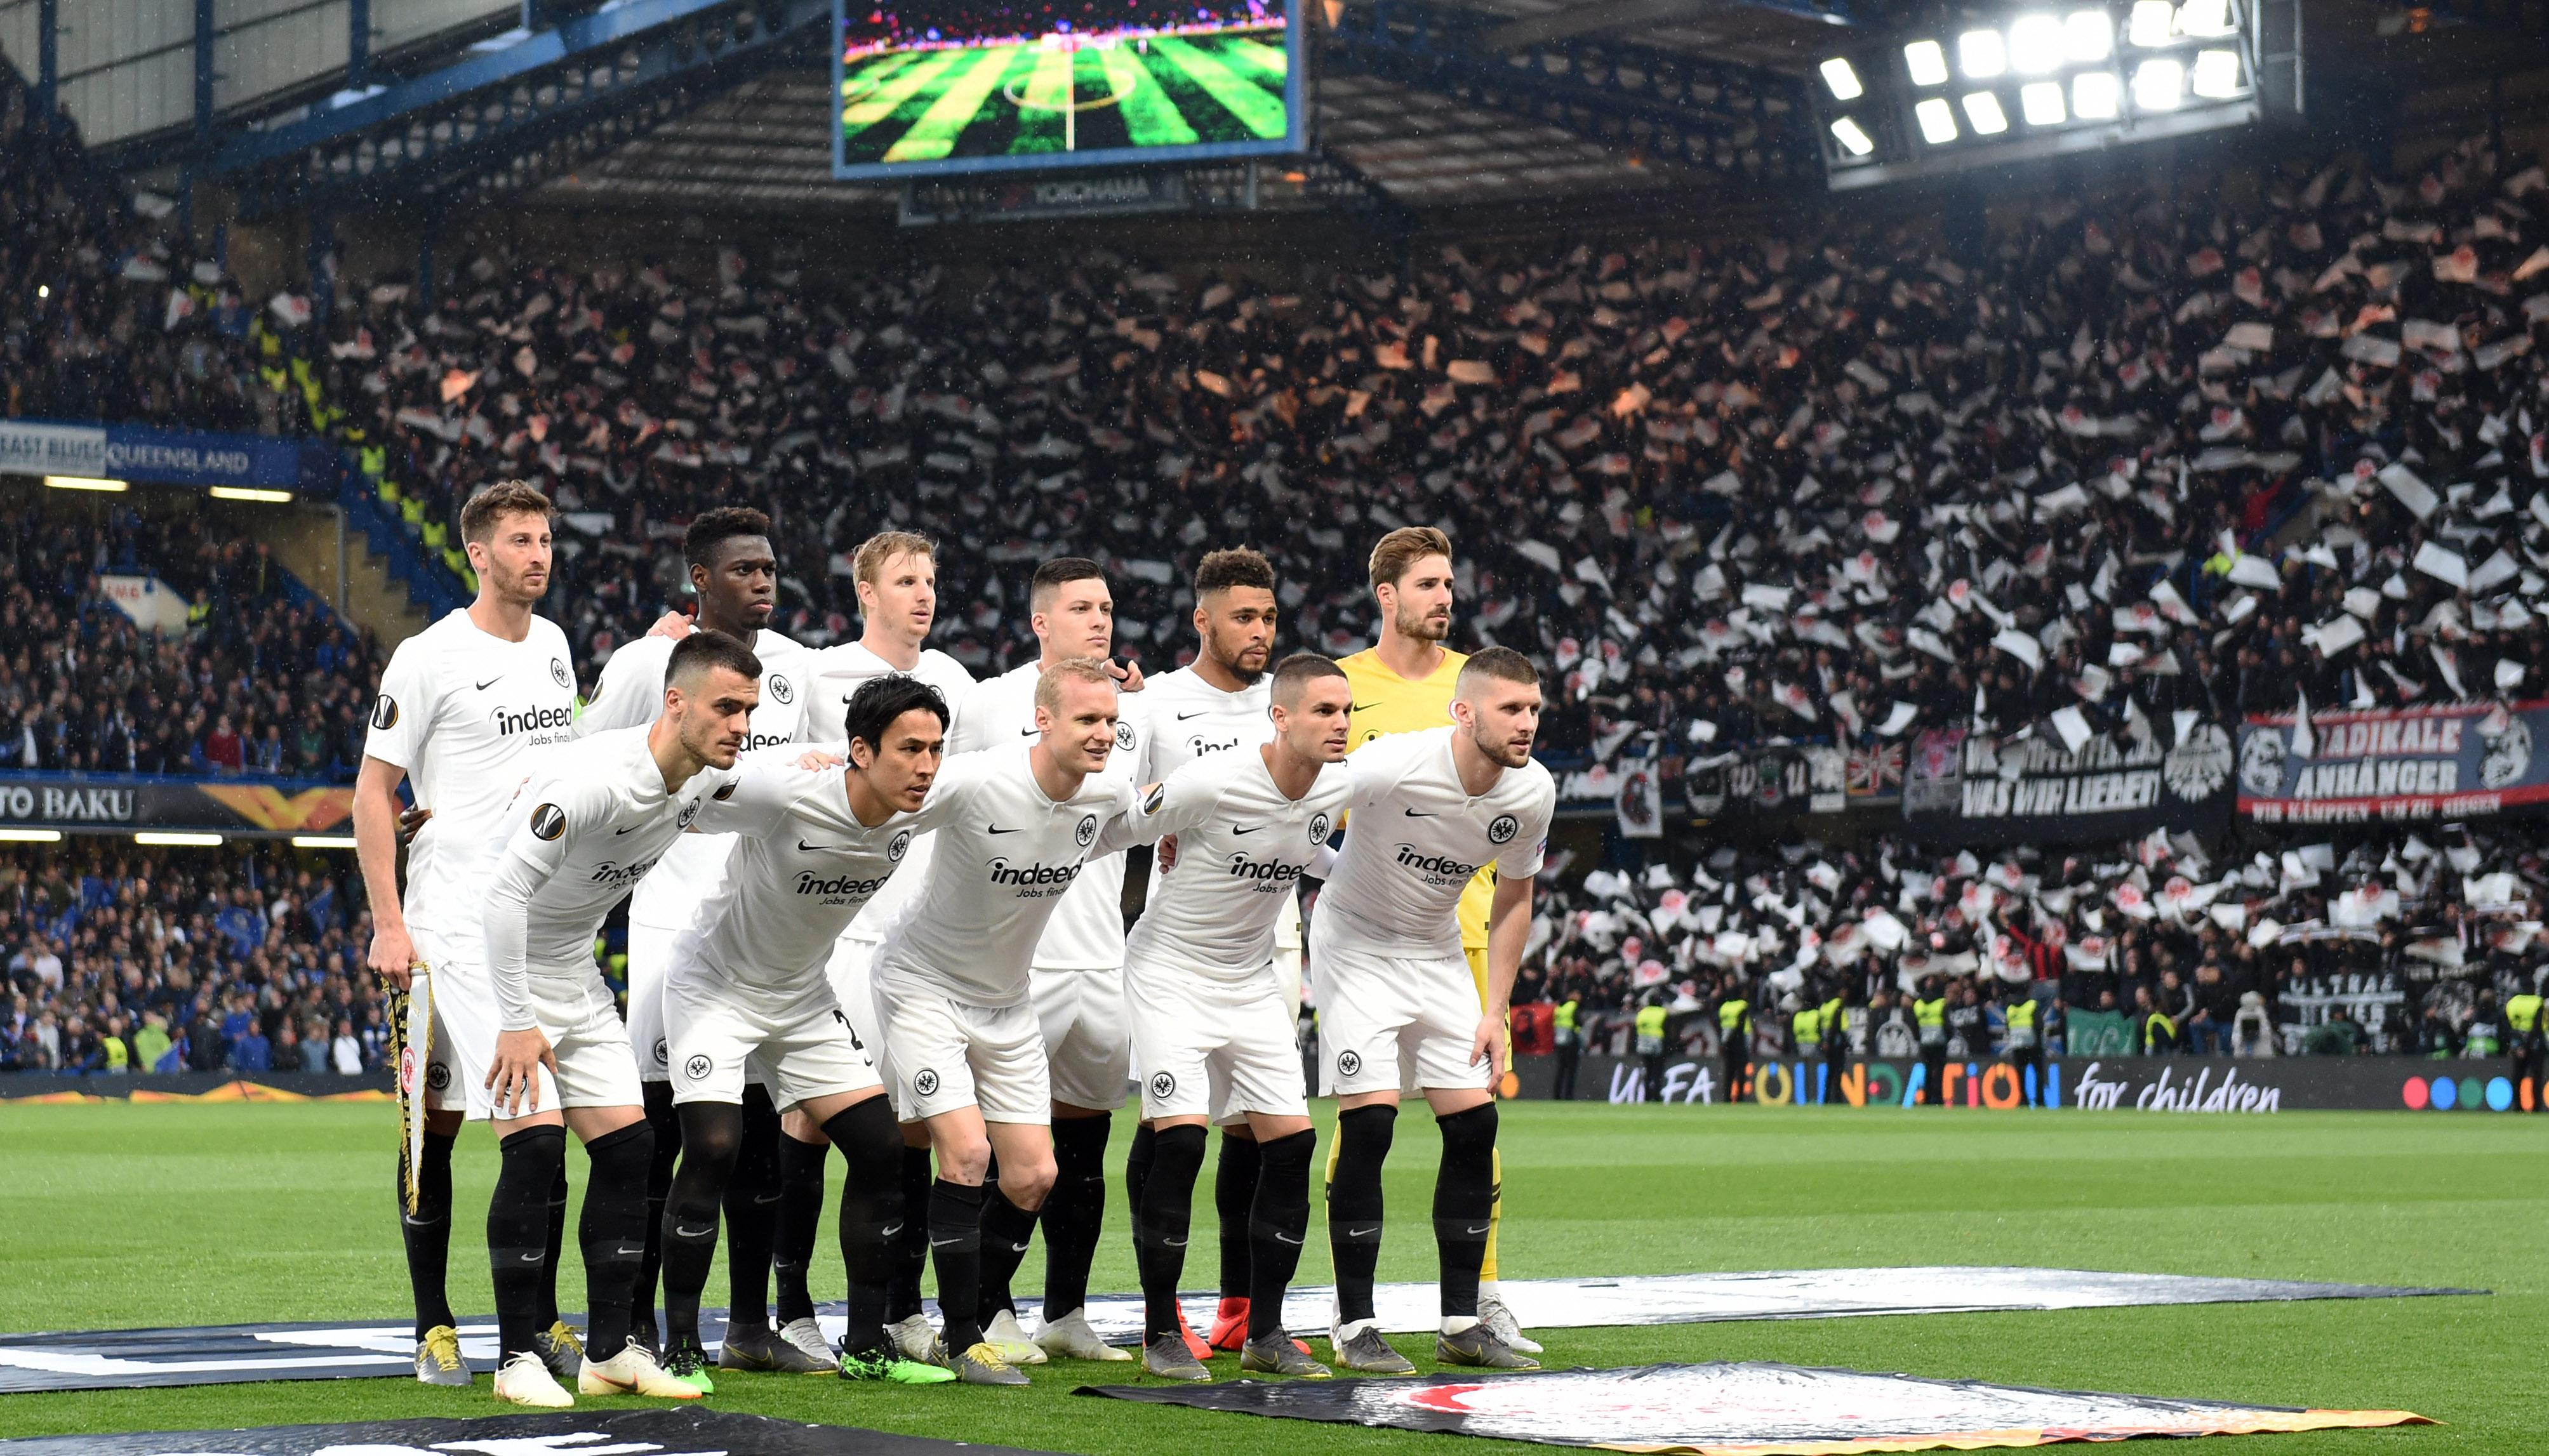 Europa-League-Qualifikation: Eintracht Frankfurt als perfekter Starter